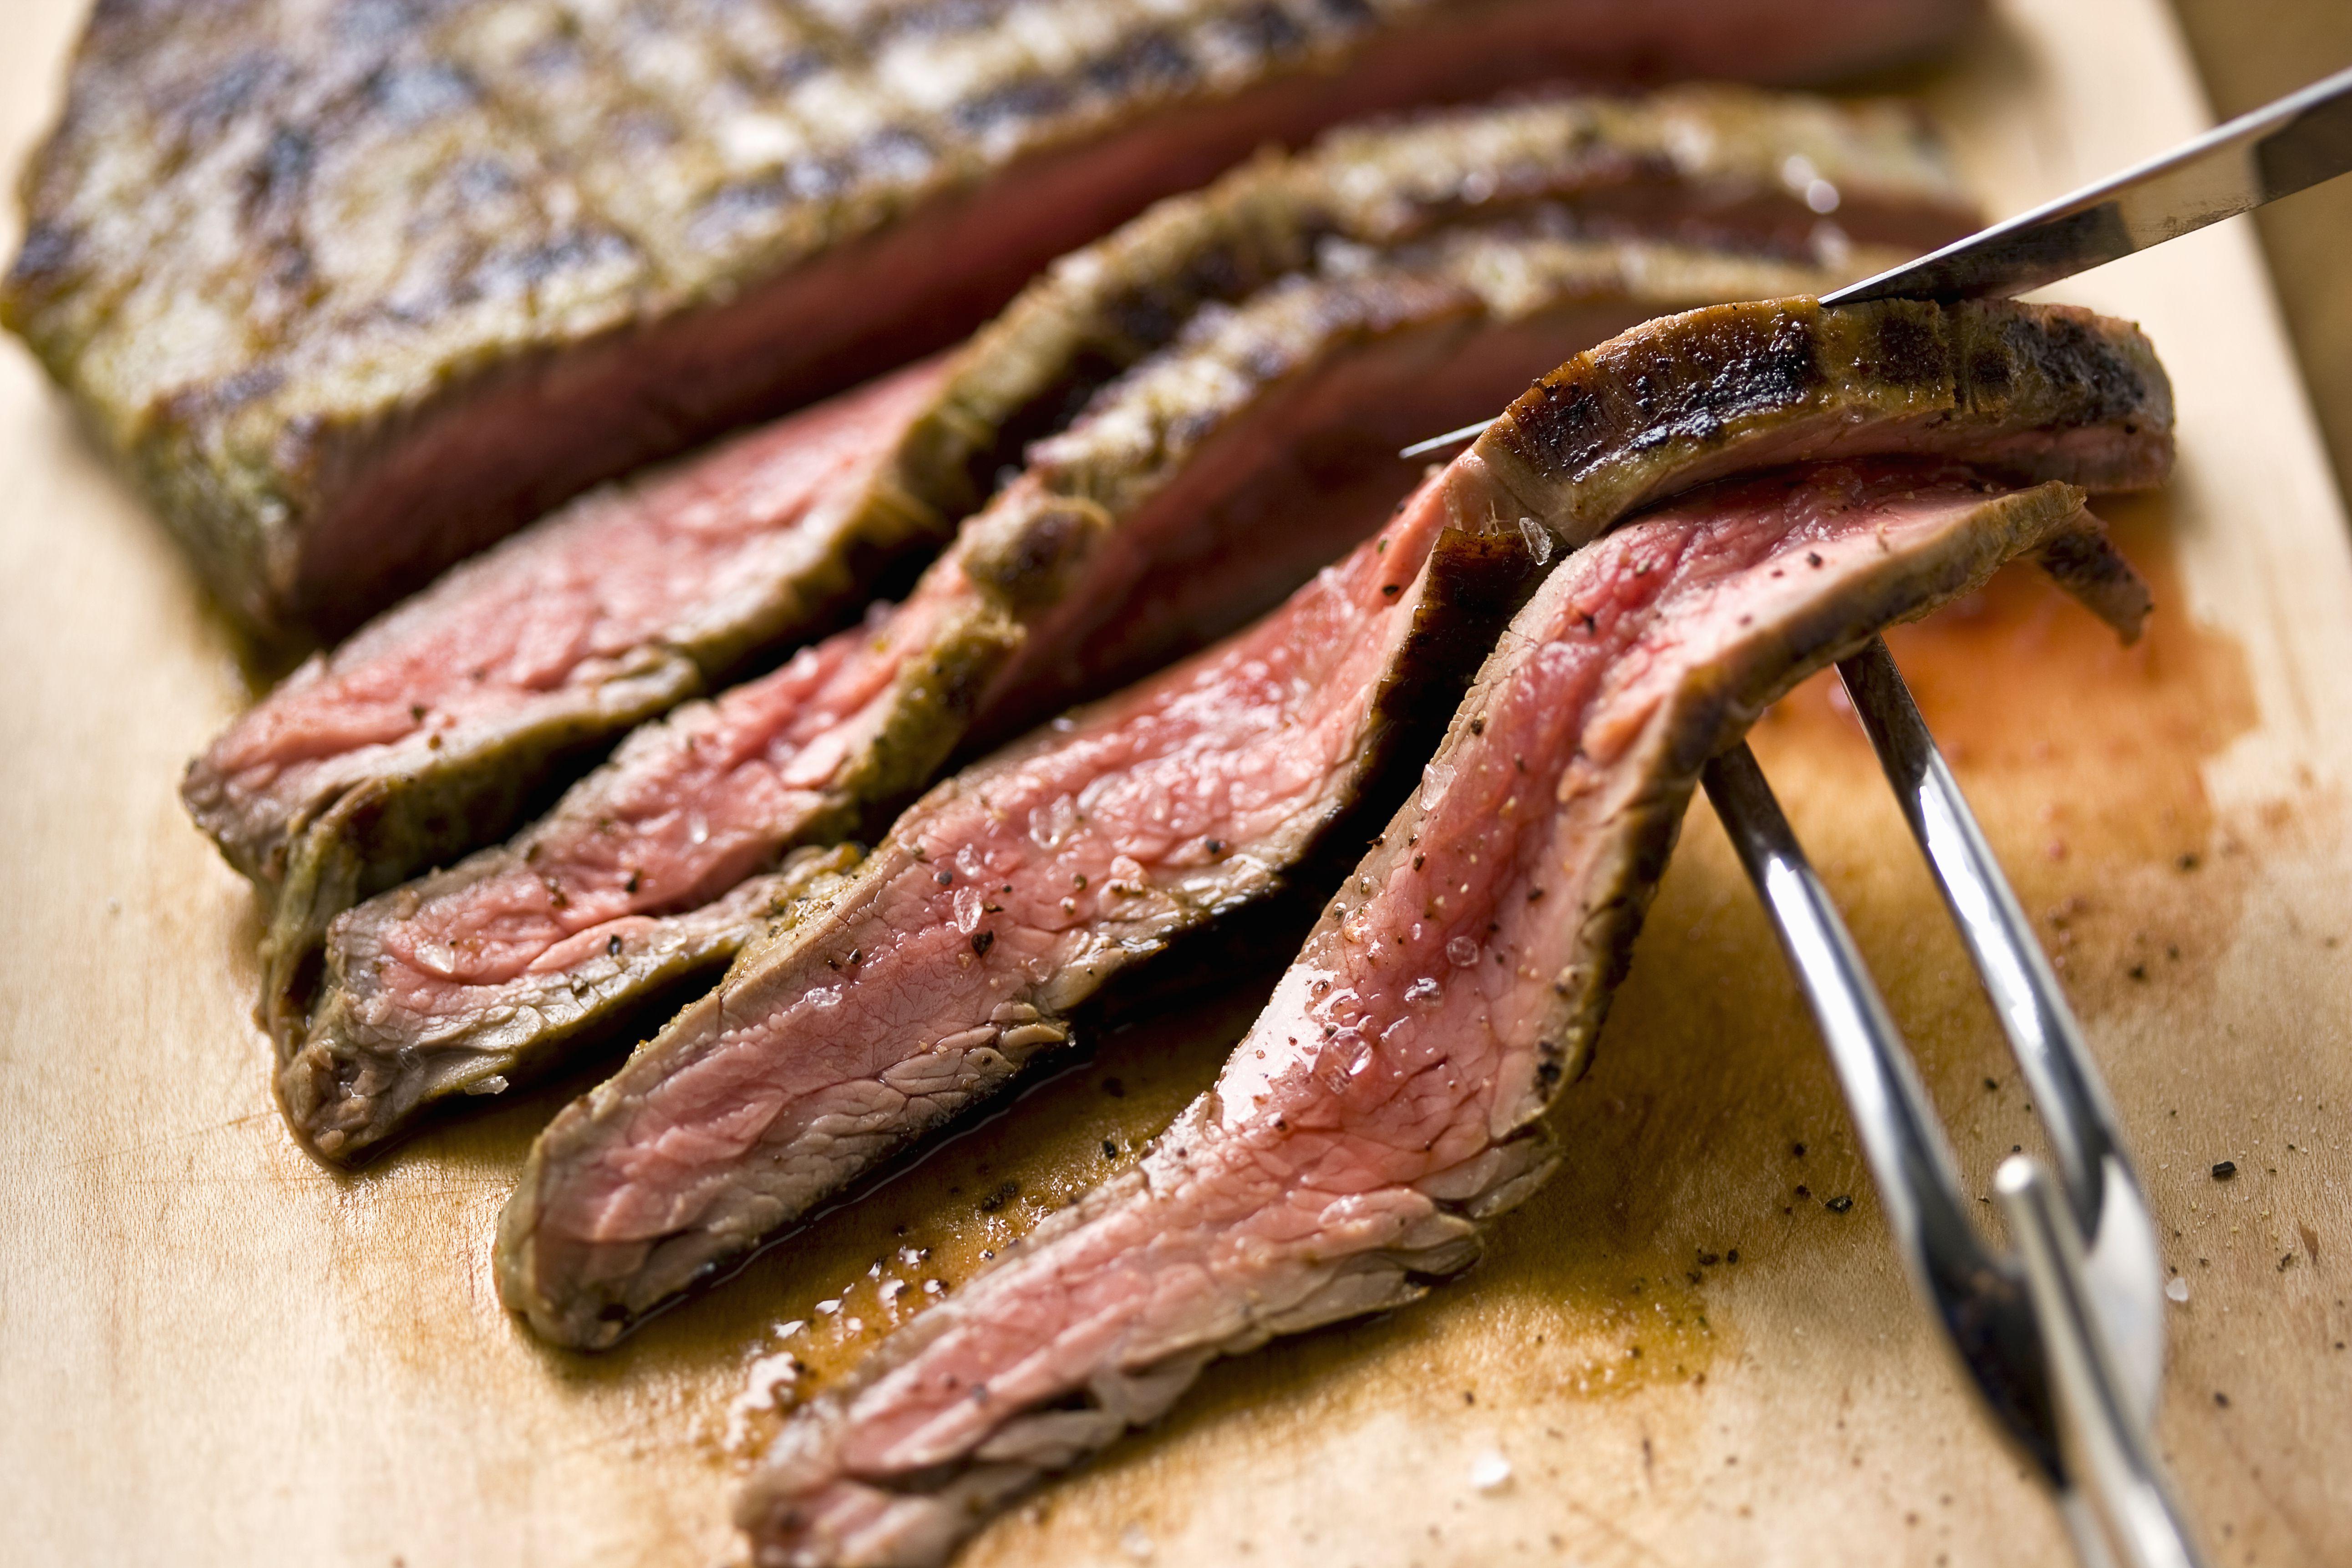 Lean Beef or Steak